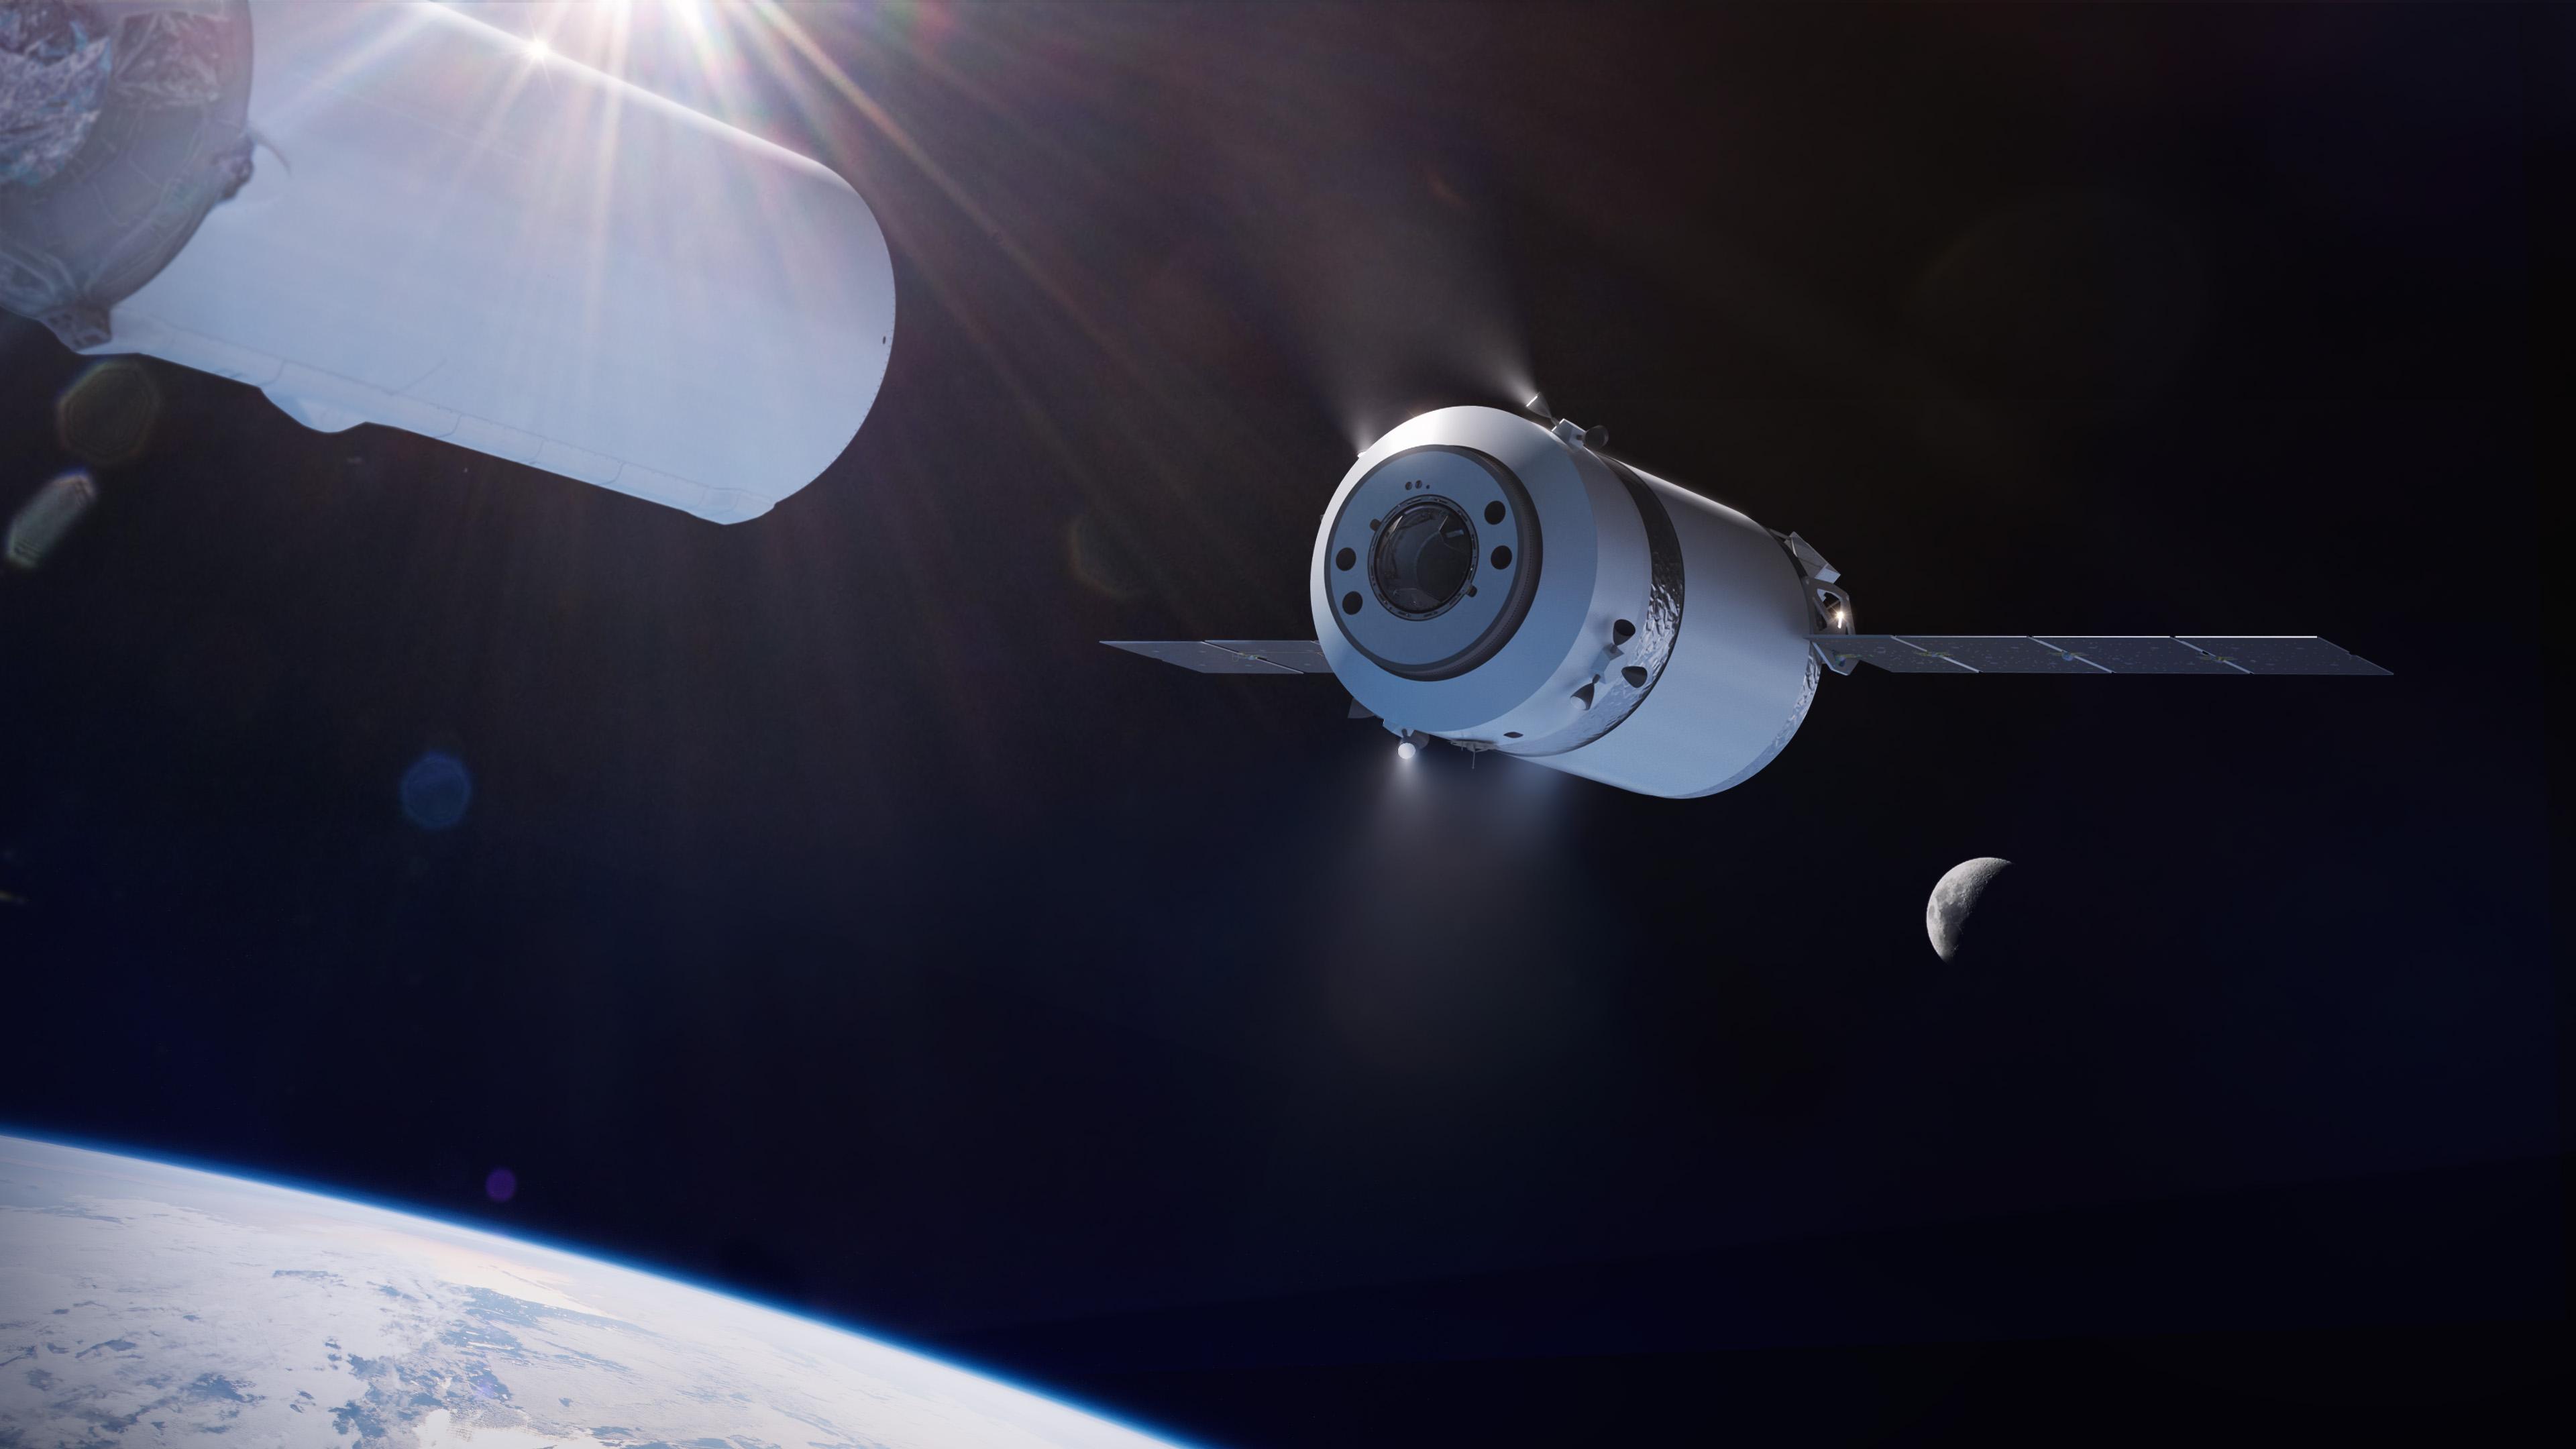 Nasa anuncia contrato com SpaceX para transporte de carga à órbita lunar